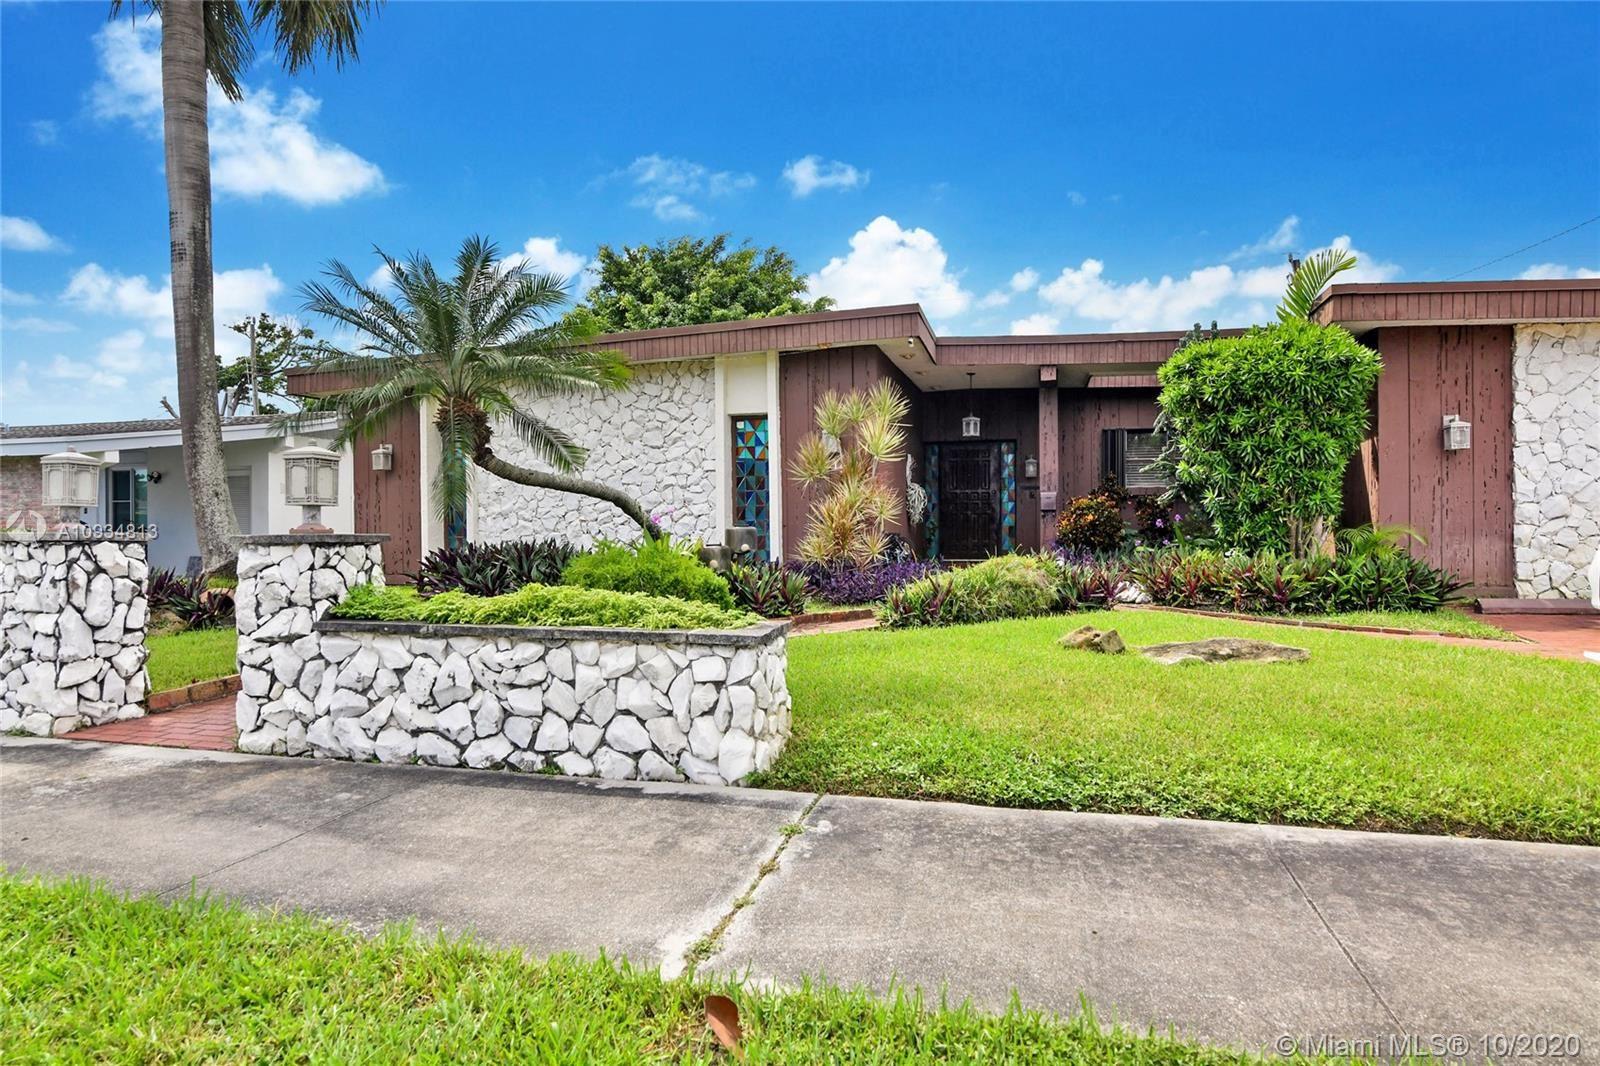 19600 NE 19th Ave, Miami, FL 33179 - #: A10934813